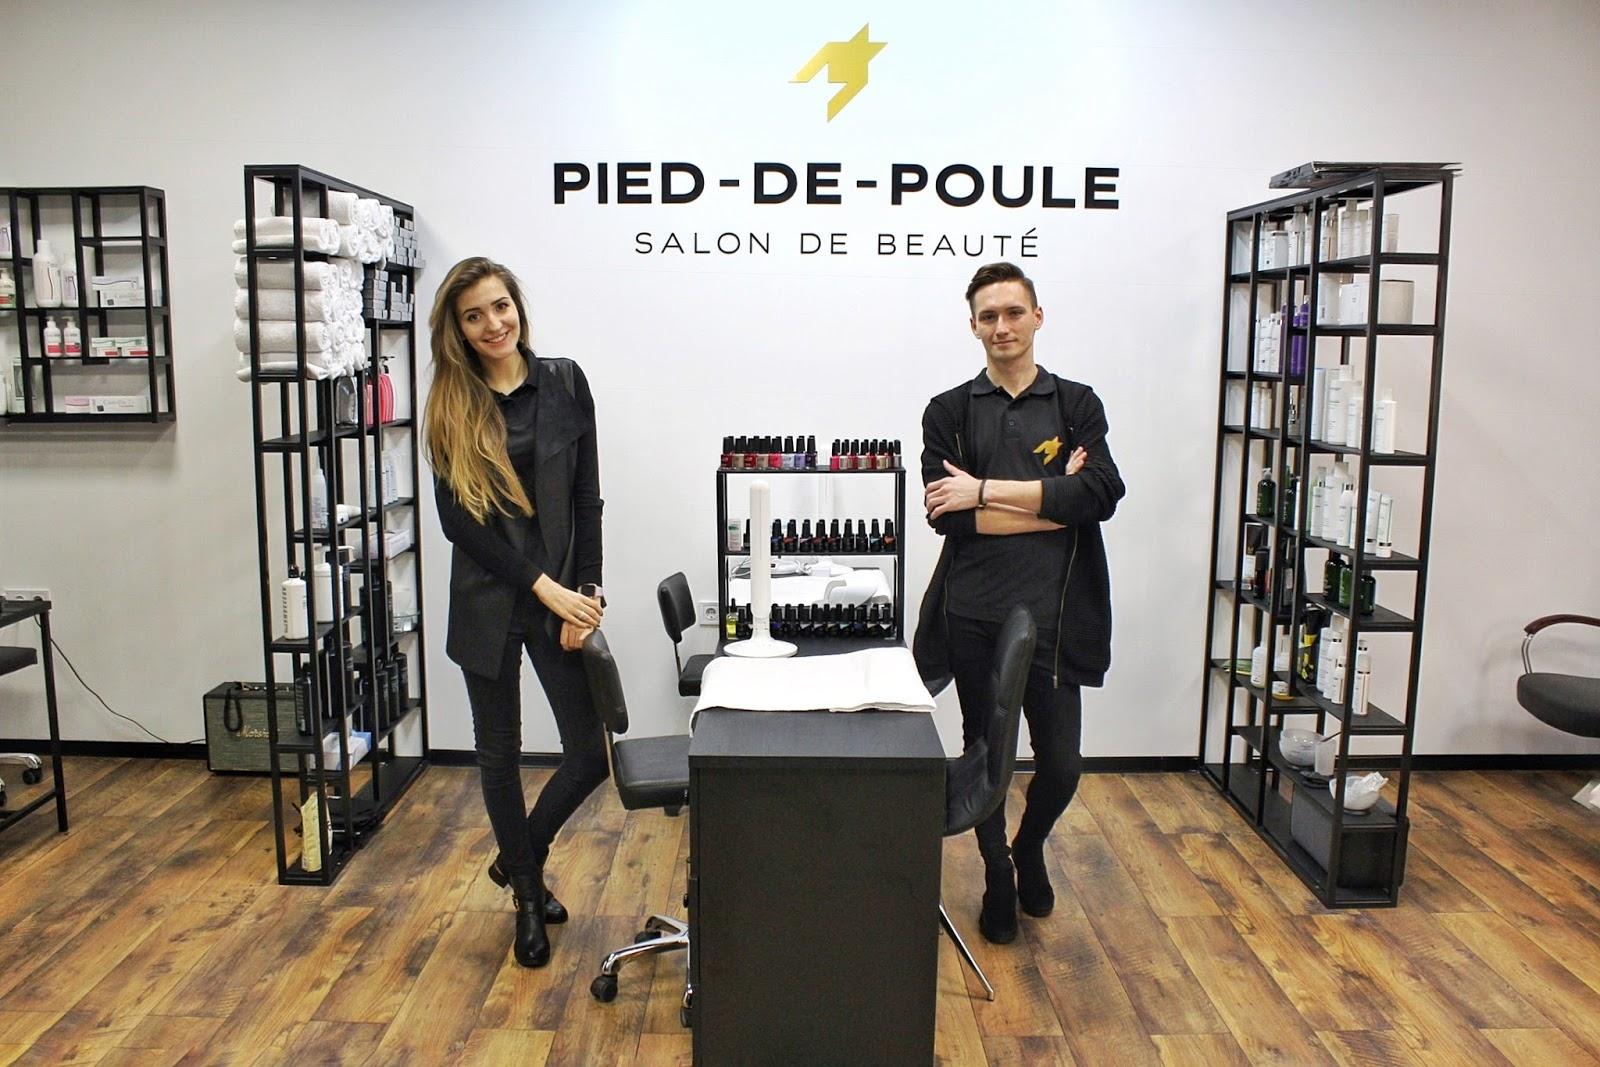 салон красоты Pied-De-Poule, укладка, маникюр, Olaplex, La Biosthetiqe